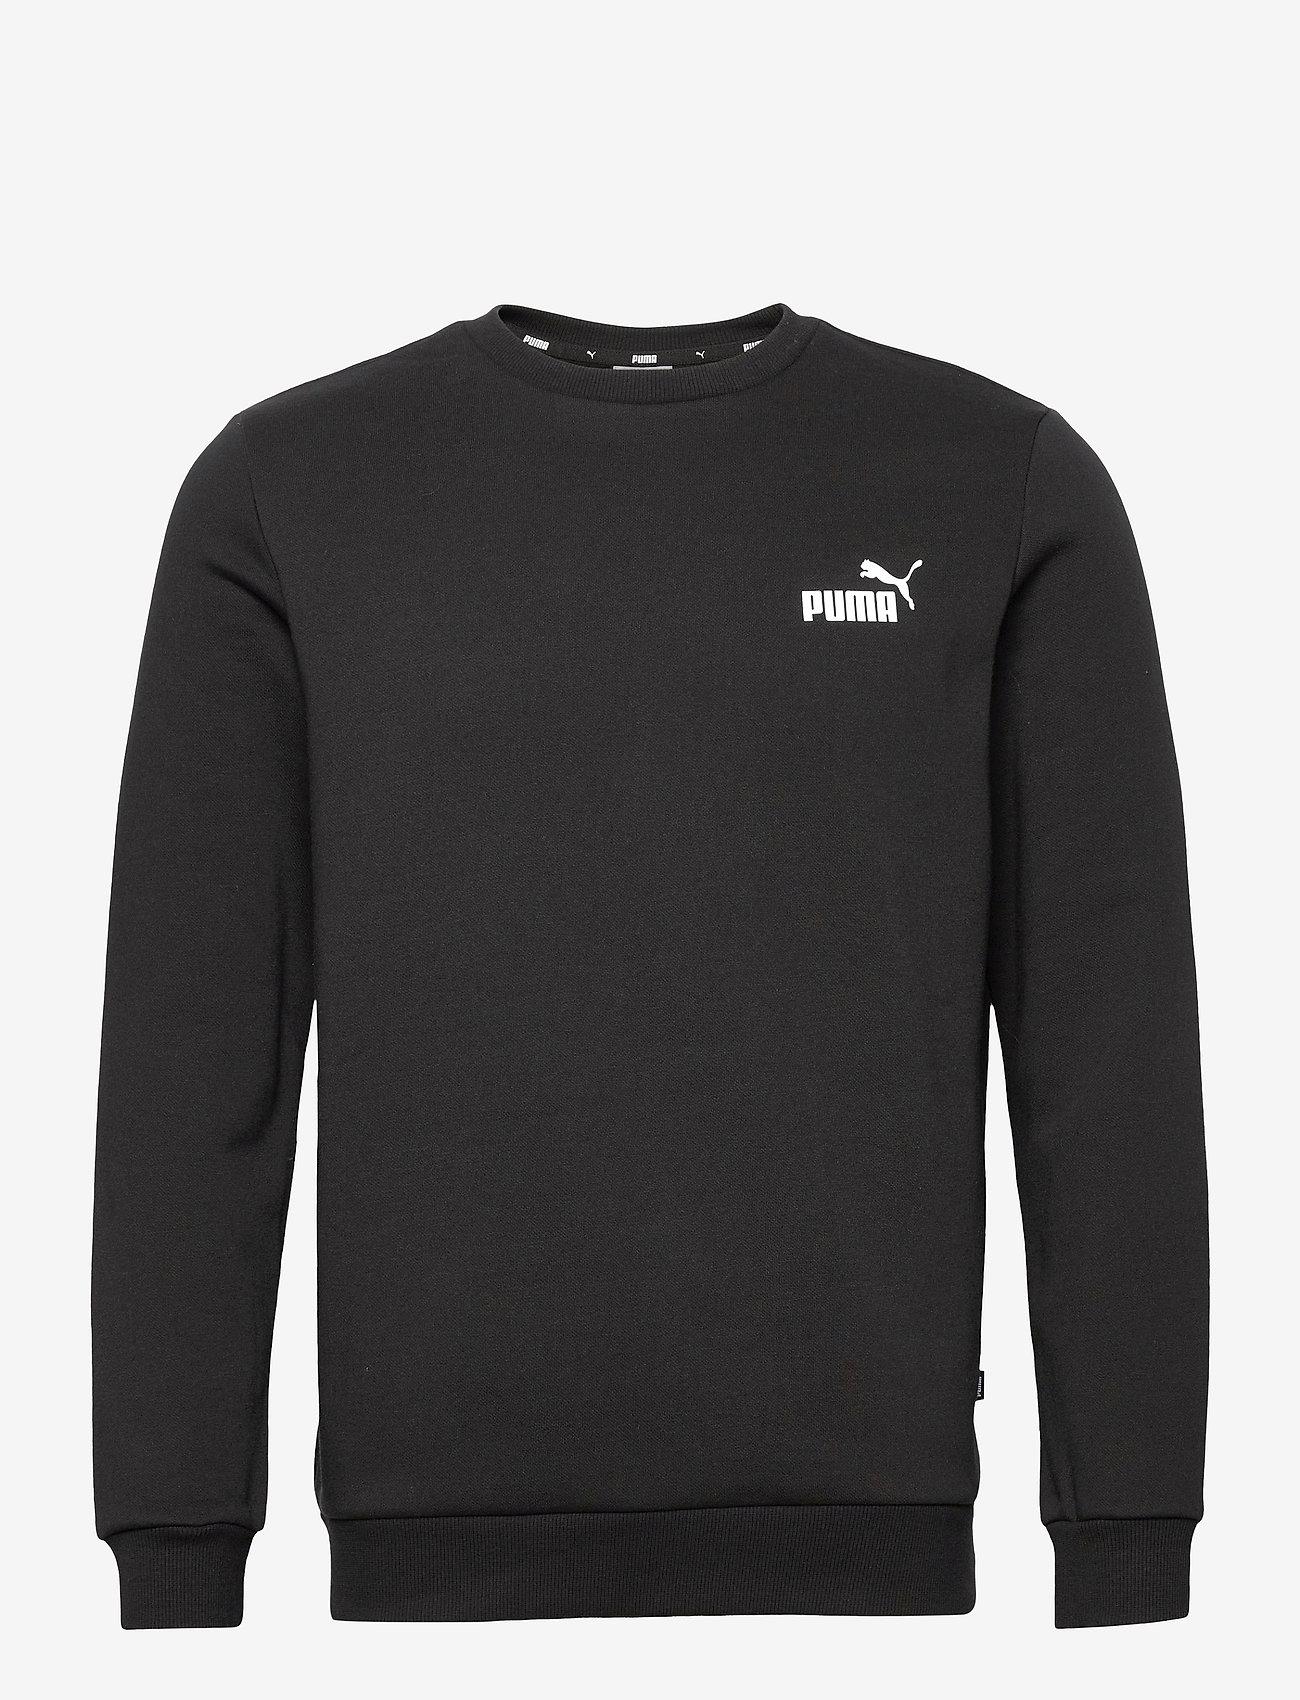 PUMA - ESS Small Logo Crew FL - Överdelar - puma black - 0